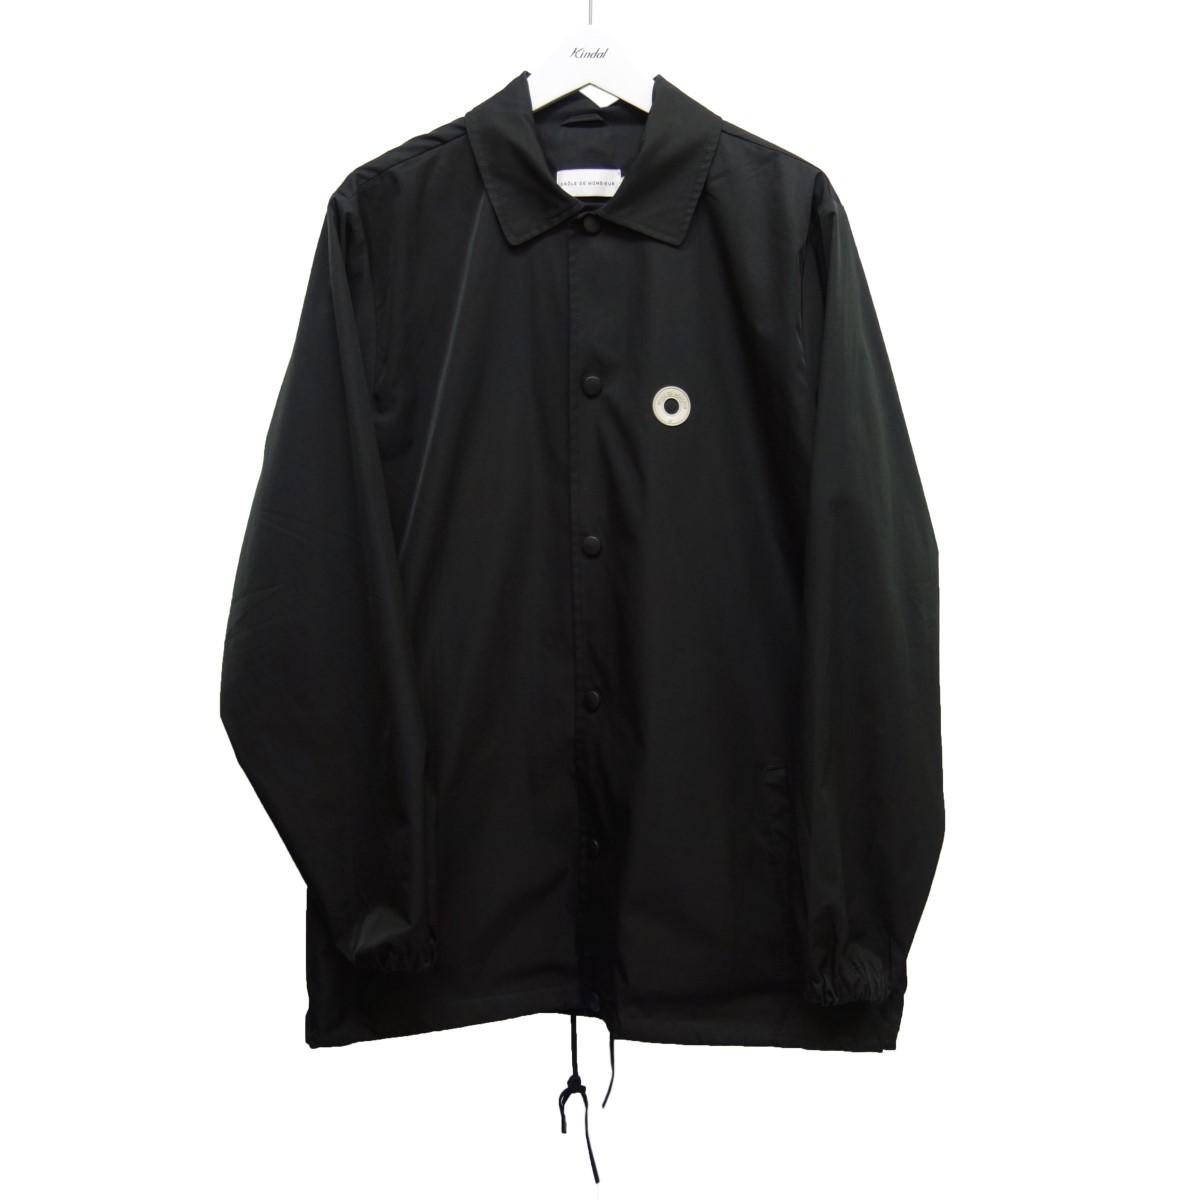 【中古】DROLE DE MONSIEUR コーチジャケット ブラック サイズ:M 【080720】(ドロール ド ムッシュ)